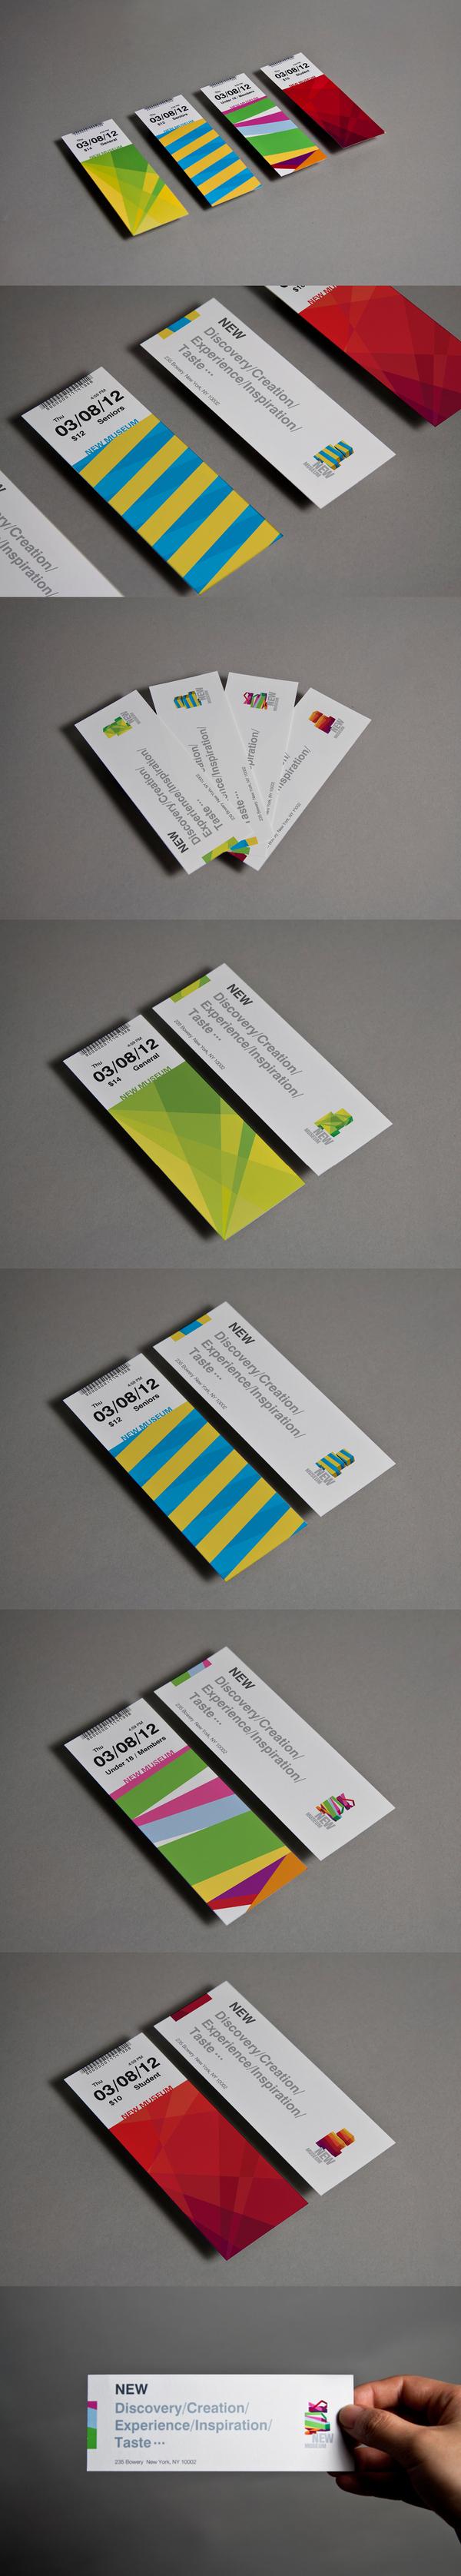 Goma Party Invitation by GOMA via Behance Branding